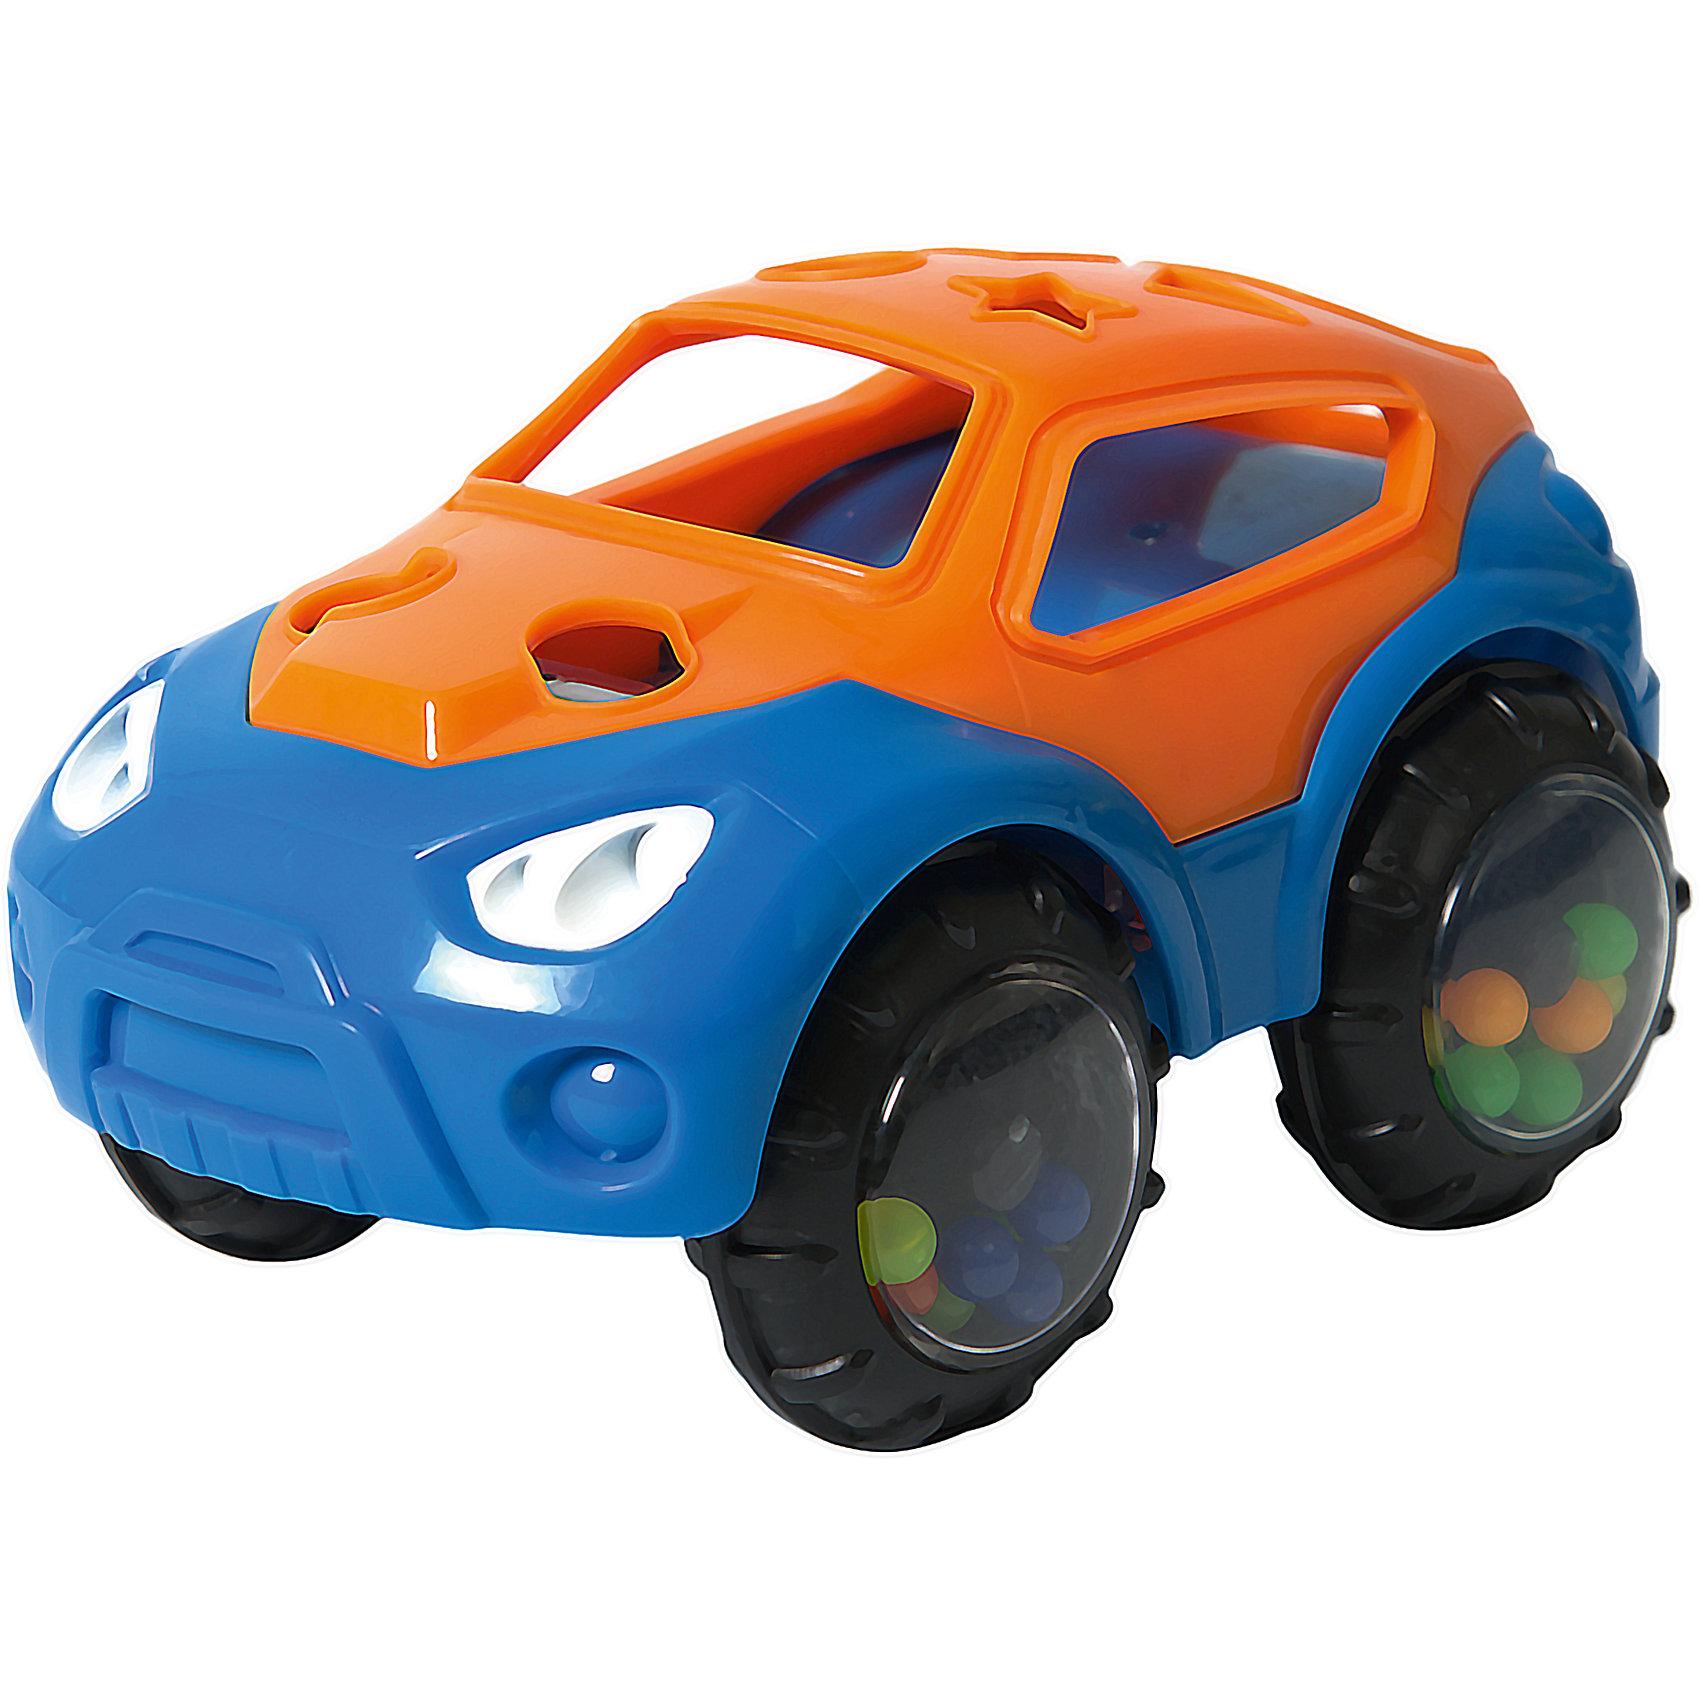 Машинка-неразбивайка, оранжево-синяя, Baby TrendМашинки и транспорт для малышей<br>Первая машинка малыша!<br>Внутри колёсиков спрятаны разноцветные бусинки, которые издают забавные звуки, когда малыш трясёт машинку<br>Благодаря уникальной форме игрушку удобно держать маленькими пальчиками<br>Выполнена из мягкого гибкого пластика<br>Развивает моторику, слух, зрение<br><br>Размер игрушки: 7,5 х 13 см х 8 см<br>Размер упаковки: 18 х 11,5 х 8 см<br><br>Ширина мм: 138<br>Глубина мм: 76<br>Высота мм: 87<br>Вес г: 153<br>Возраст от месяцев: 3<br>Возраст до месяцев: 2147483647<br>Пол: Унисекс<br>Возраст: Детский<br>SKU: 6872166